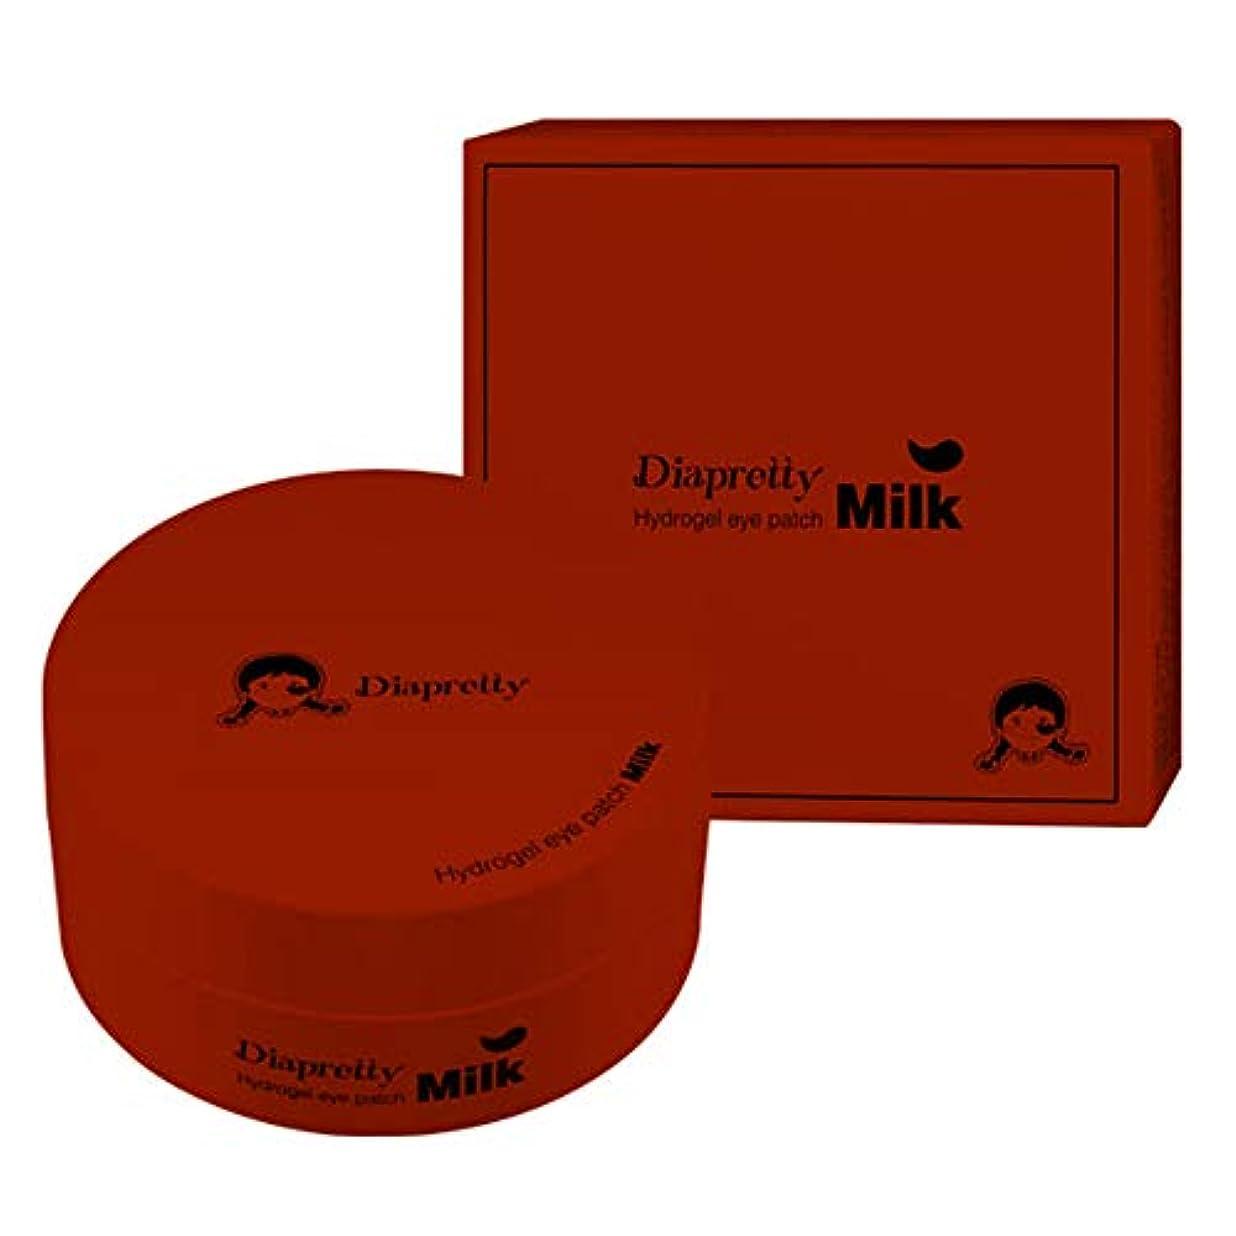 神経障害放置お祝い[ダイアプリティ] ハイドロゲルア イパッチ (Red Ginseng) 60枚, [Diapretty] Hydrogel Eyepatch(Red Ginseng) 60pieces